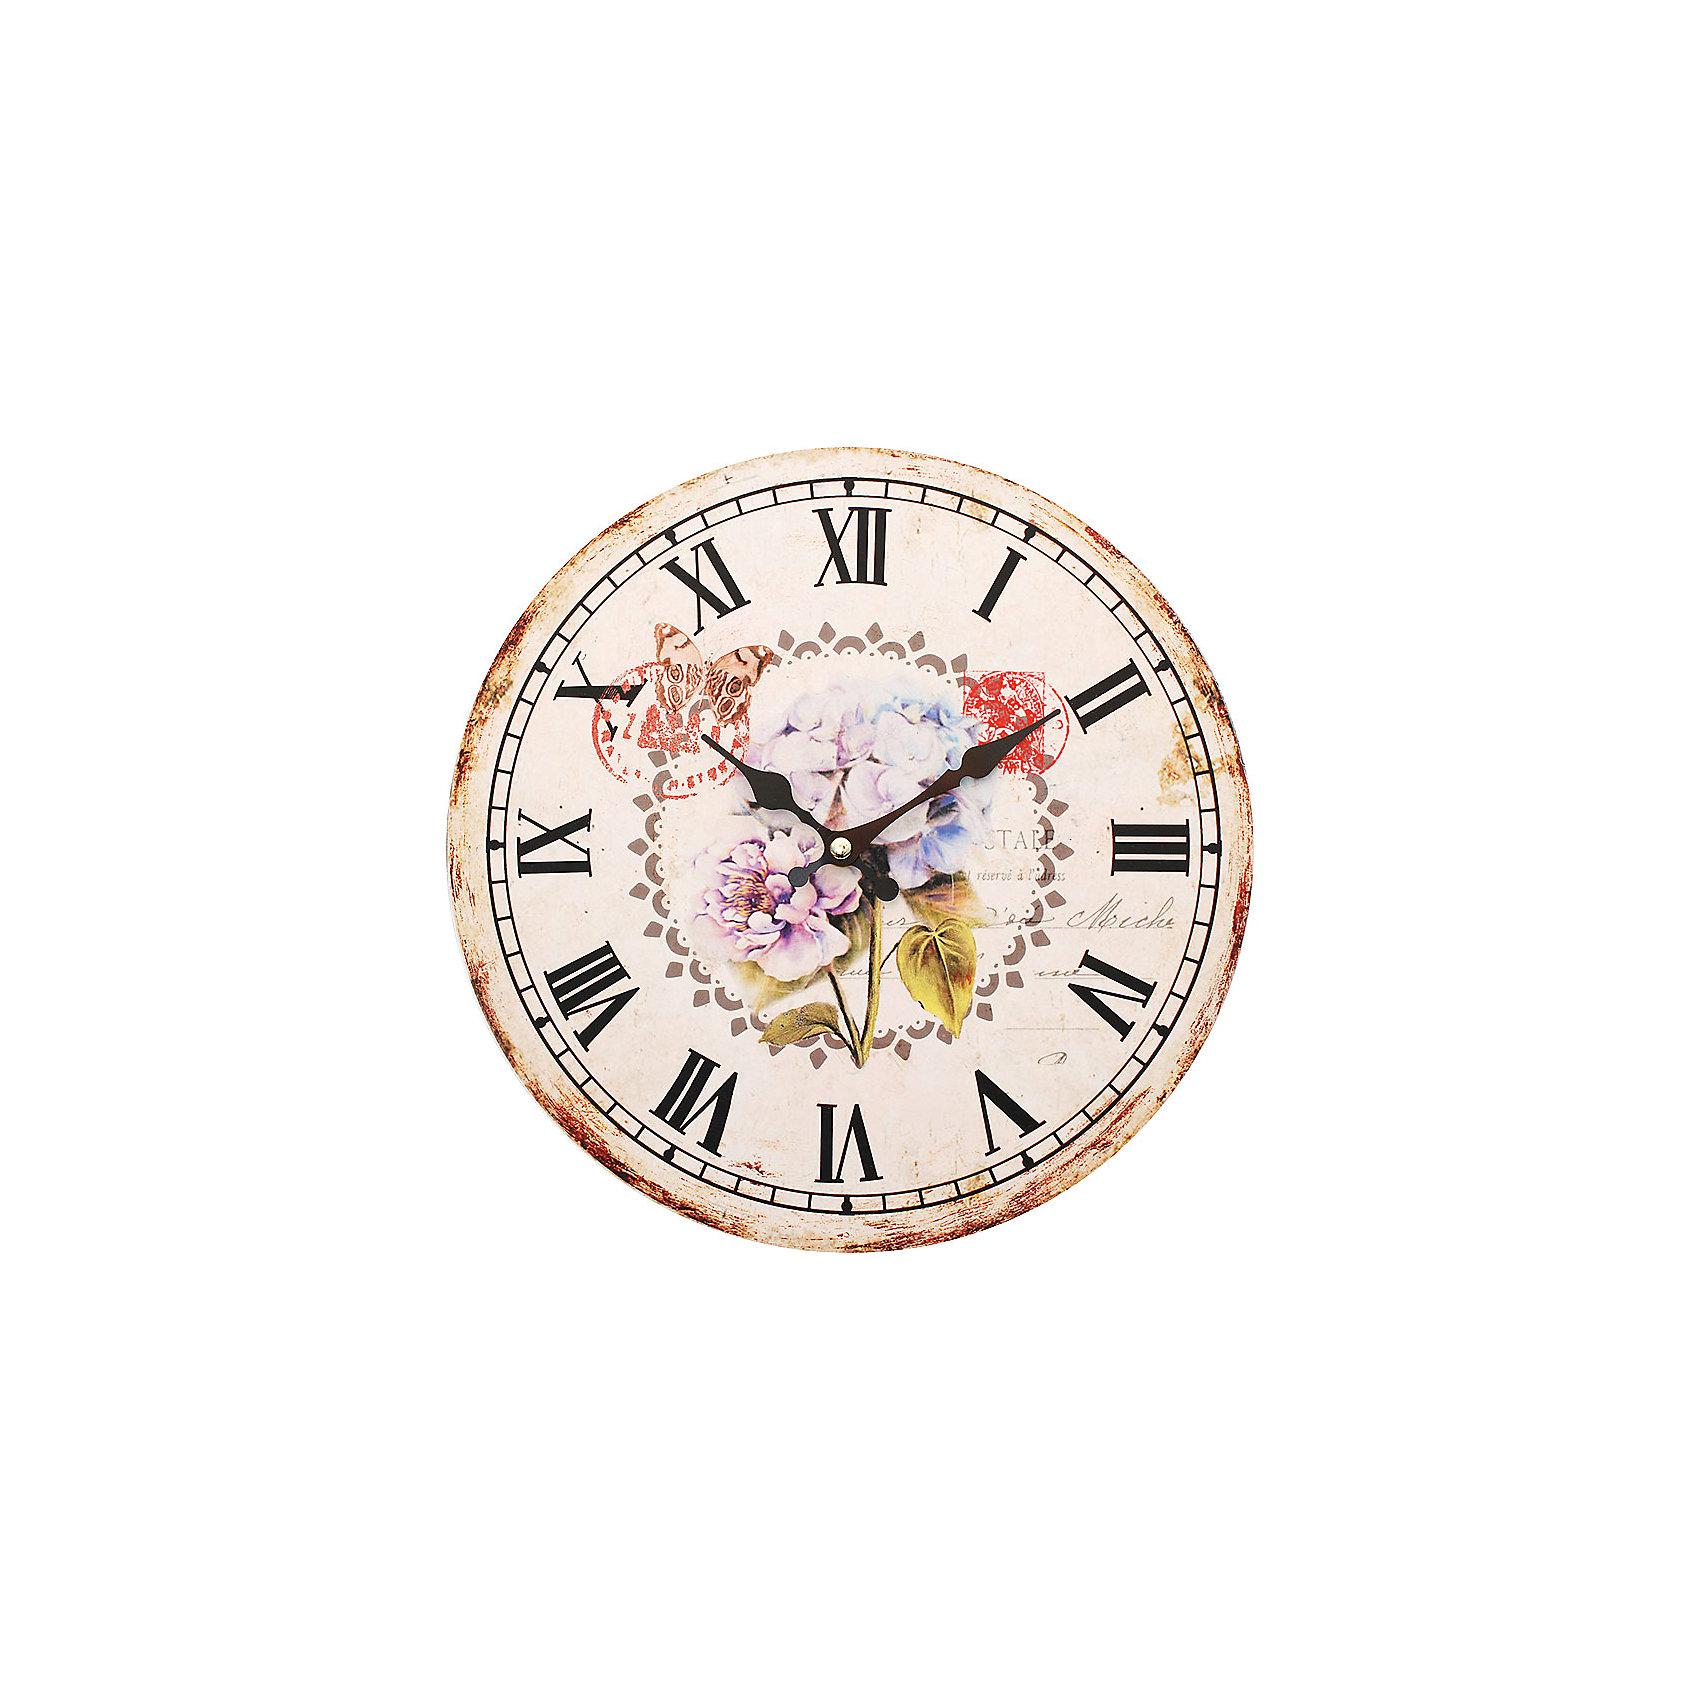 Часы настенные Садовые цветы, диаметр 34 смПредметы интерьера<br>Часы настенные Садовые цветы, диаметр 34 см.<br><br>Характеристики:<br><br>- Диаметр: 34 см.<br>- Две стрелки часовая и минутная<br>- Батарейка: 1 типа АА (в комплект не входит)<br>- Цвет: антрацитовый, бледно-розовый, кремовый<br>- Упаковка картонная коробка<br><br>Кварцевые настенные часы с механизмом плавного хода помимо своего прямого назначения – показывать точное время – станут важным элементом декора Вашего дома, квартиры или офиса. Открытый циферблат часов выполнен из листа оргалита с декоративным покрытием, оформлен изображением цветочной композиции. Часовая и минутная стрелки металлические. Часовой механизм закрыт пластиковым корпусом. Часы будут стильным акцентом в интерьере и создадут дополнительный уют и хорошее настроение.<br><br>Часы настенные Садовые цветы, диаметр 34 см можно купить в нашем интернет-магазине.<br><br>Ширина мм: 345<br>Глубина мм: 340<br>Высота мм: 45<br>Вес г: 2500<br>Возраст от месяцев: 72<br>Возраст до месяцев: 144<br>Пол: Унисекс<br>Возраст: Детский<br>SKU: 5089830